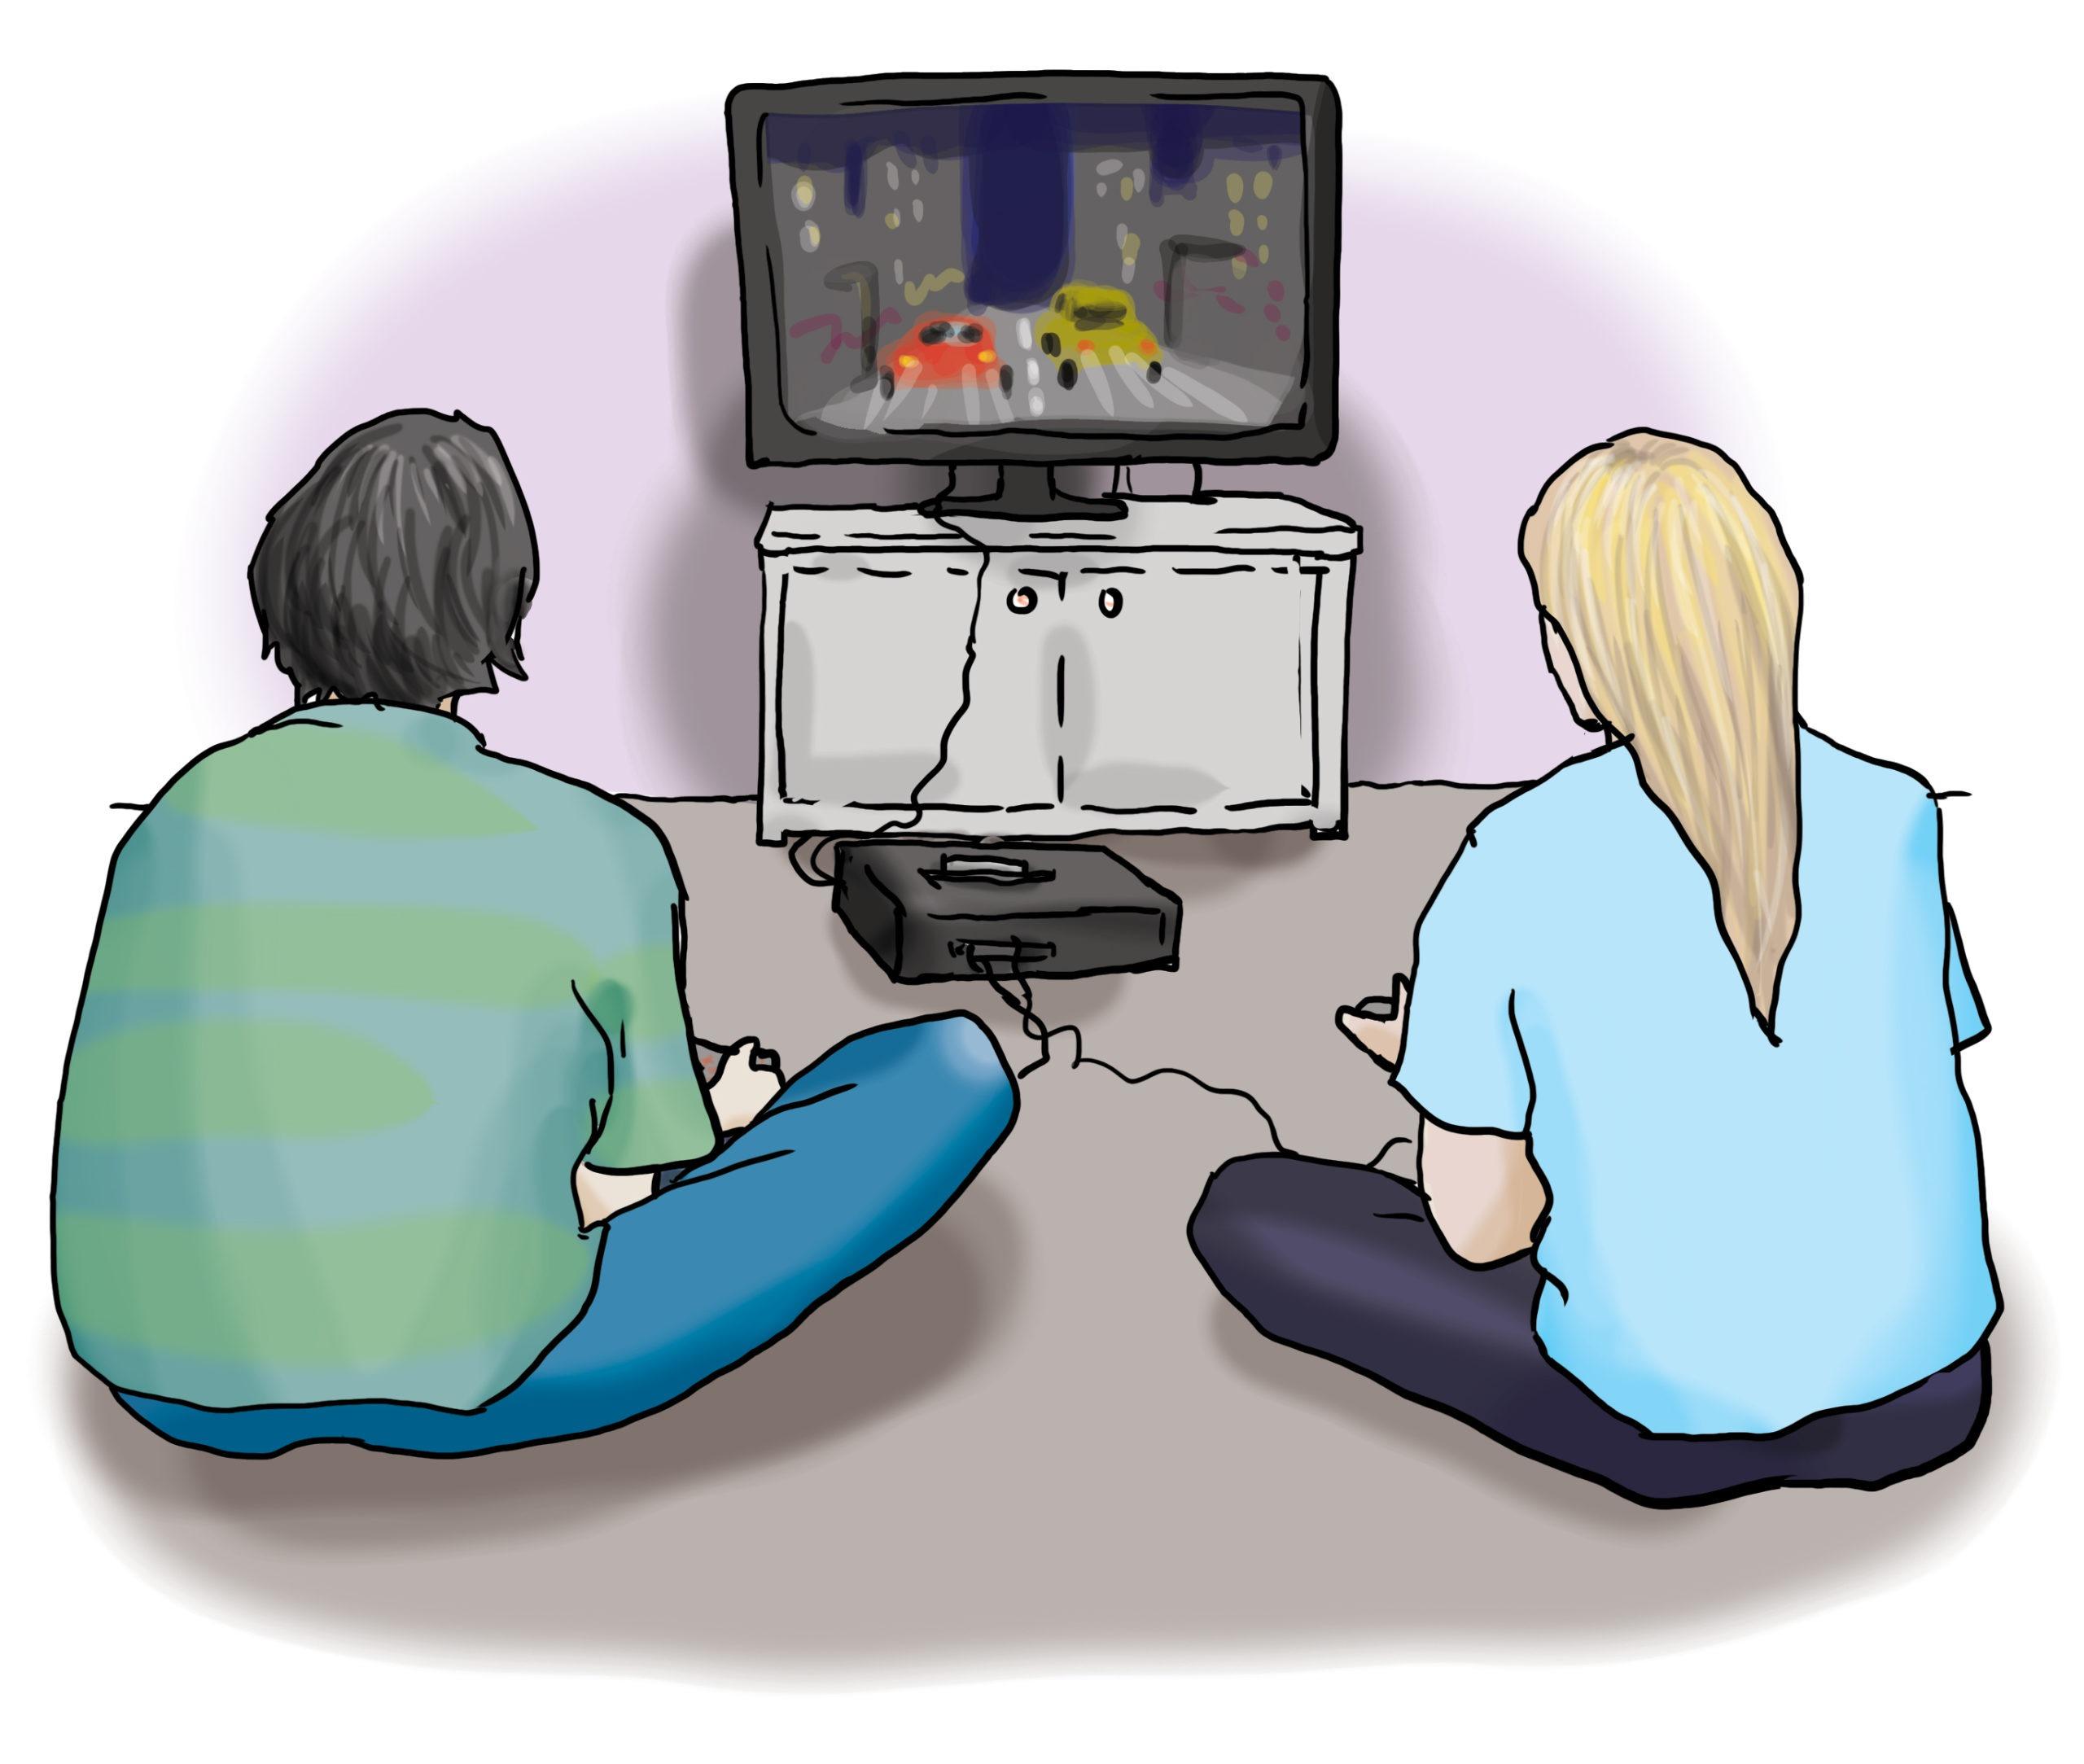 Das Bild zeigt zwei Personen, die an einer Spielekonsole spielen.